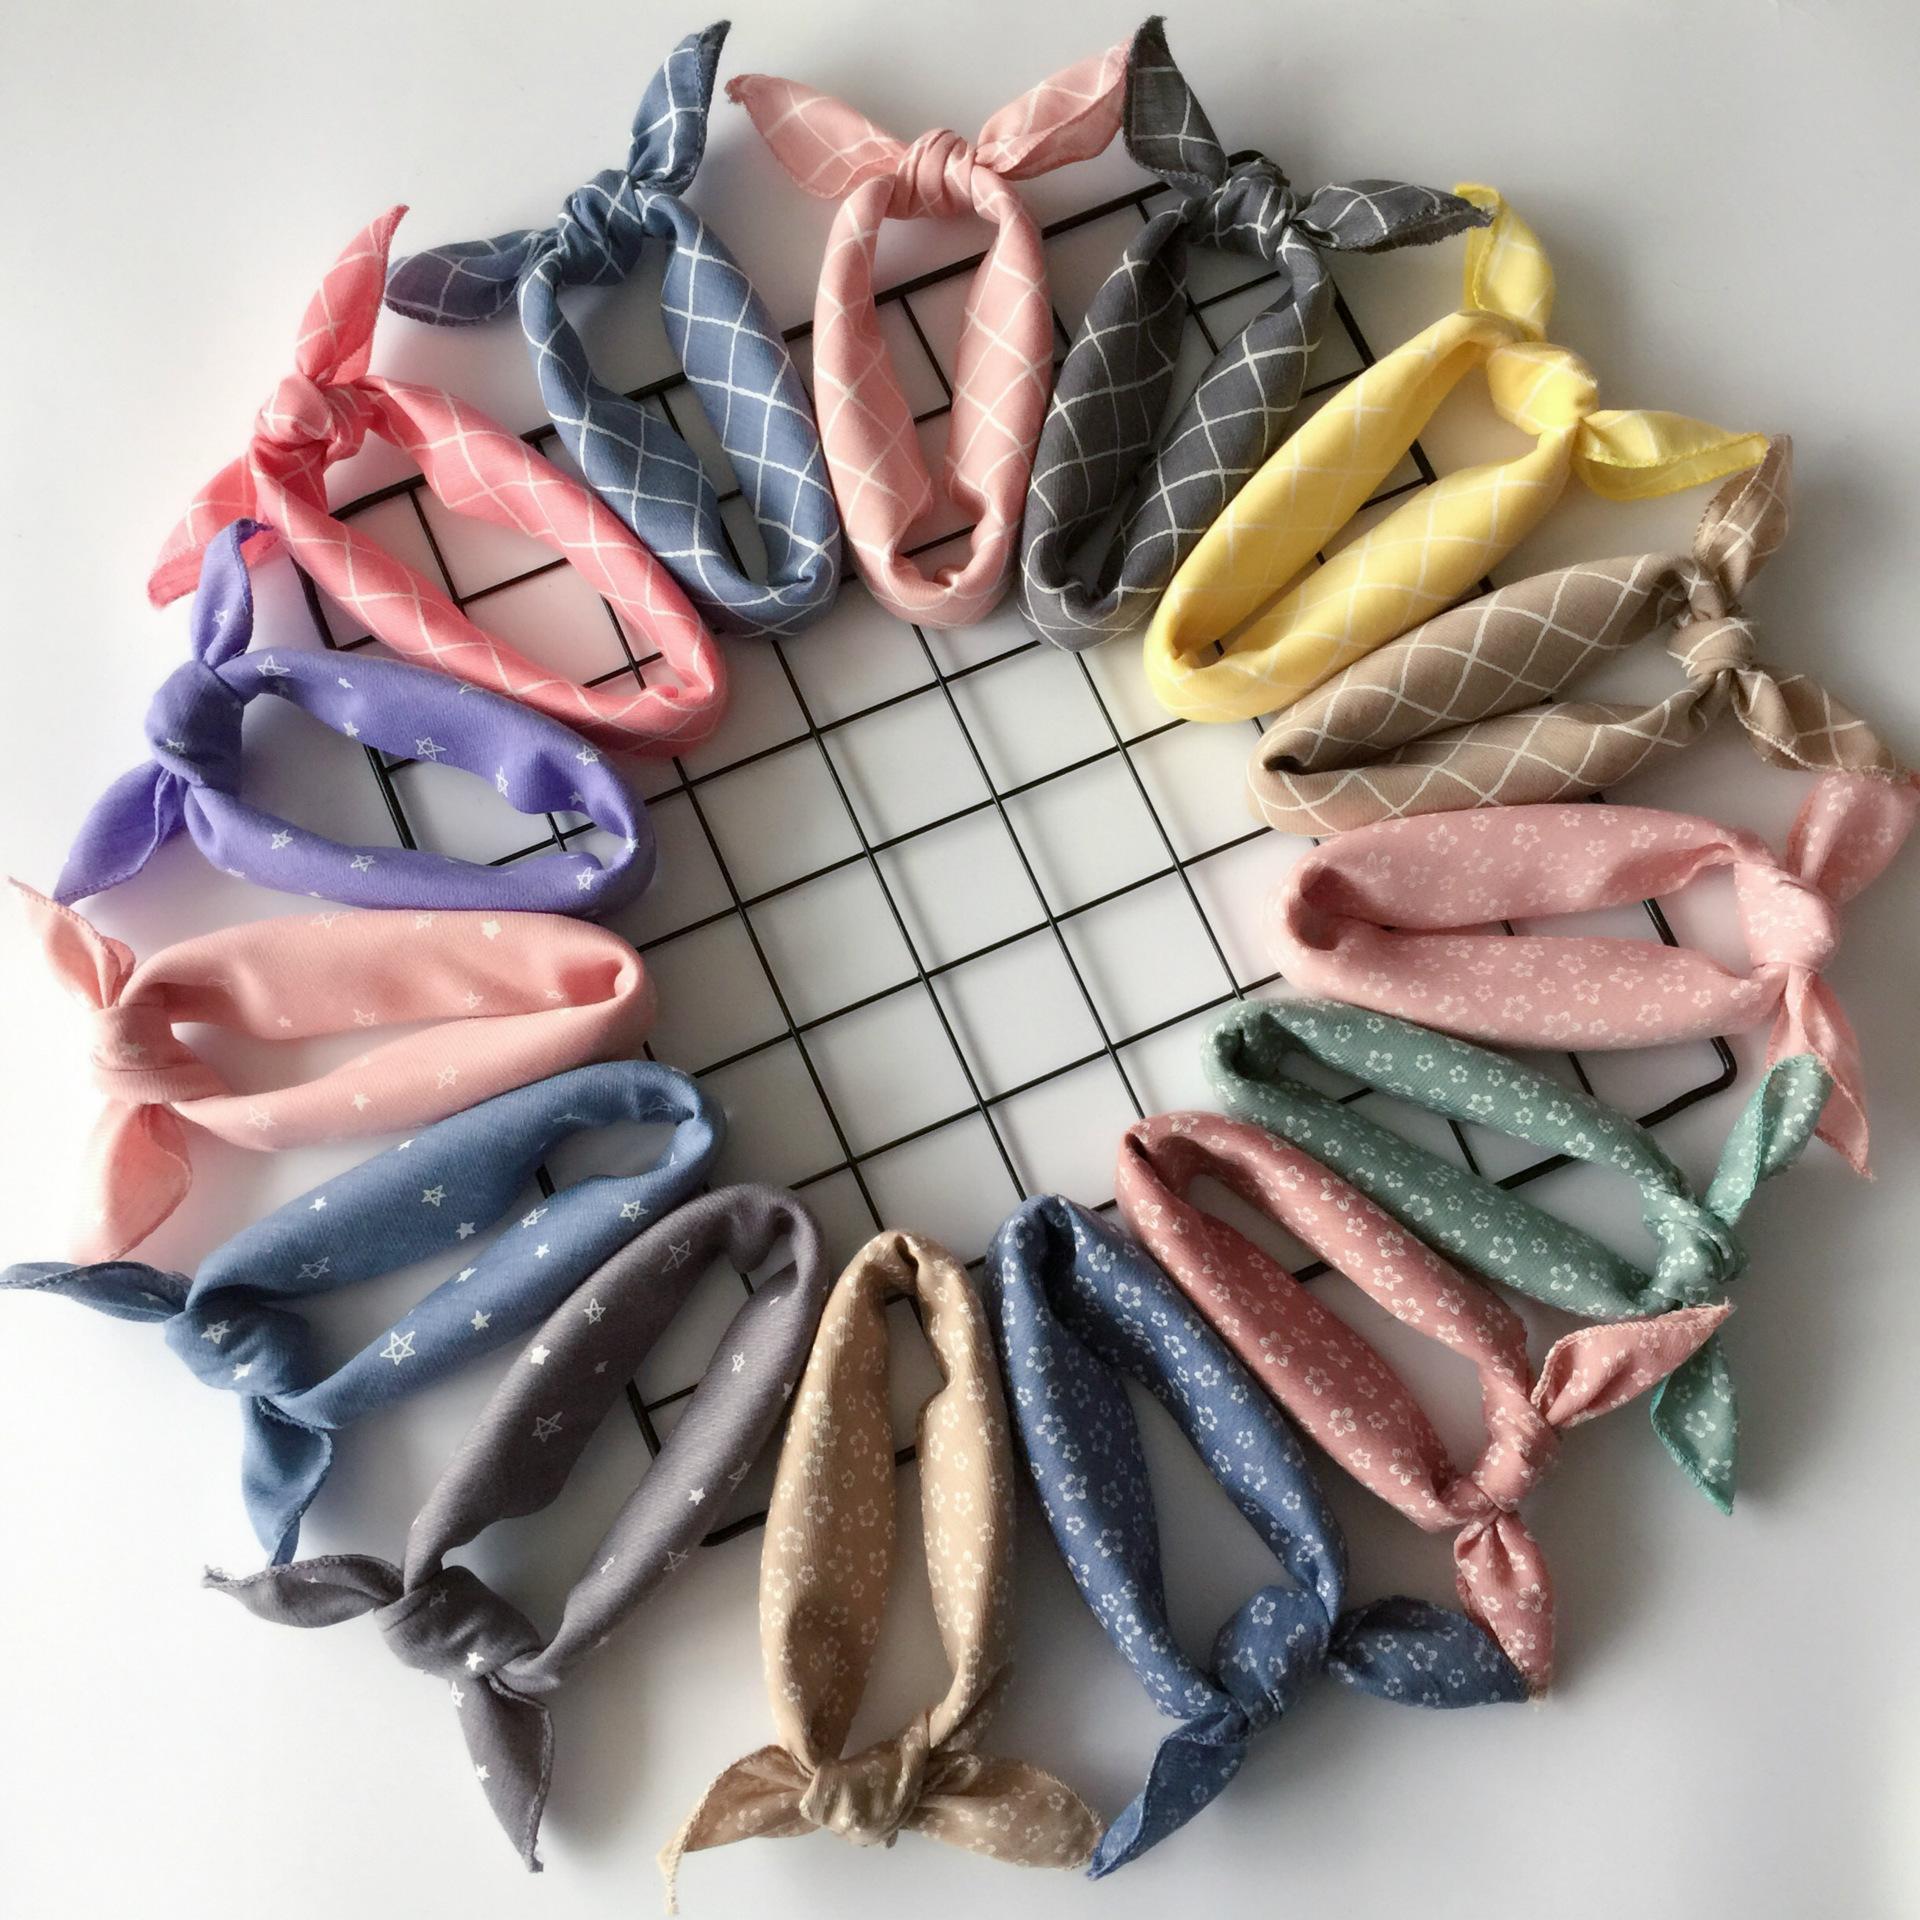 Корея простой фасон мальчиков и девочек, сетка хлопок малый квадрат корейский еда полотенце носовой платок шарф шарф заставка